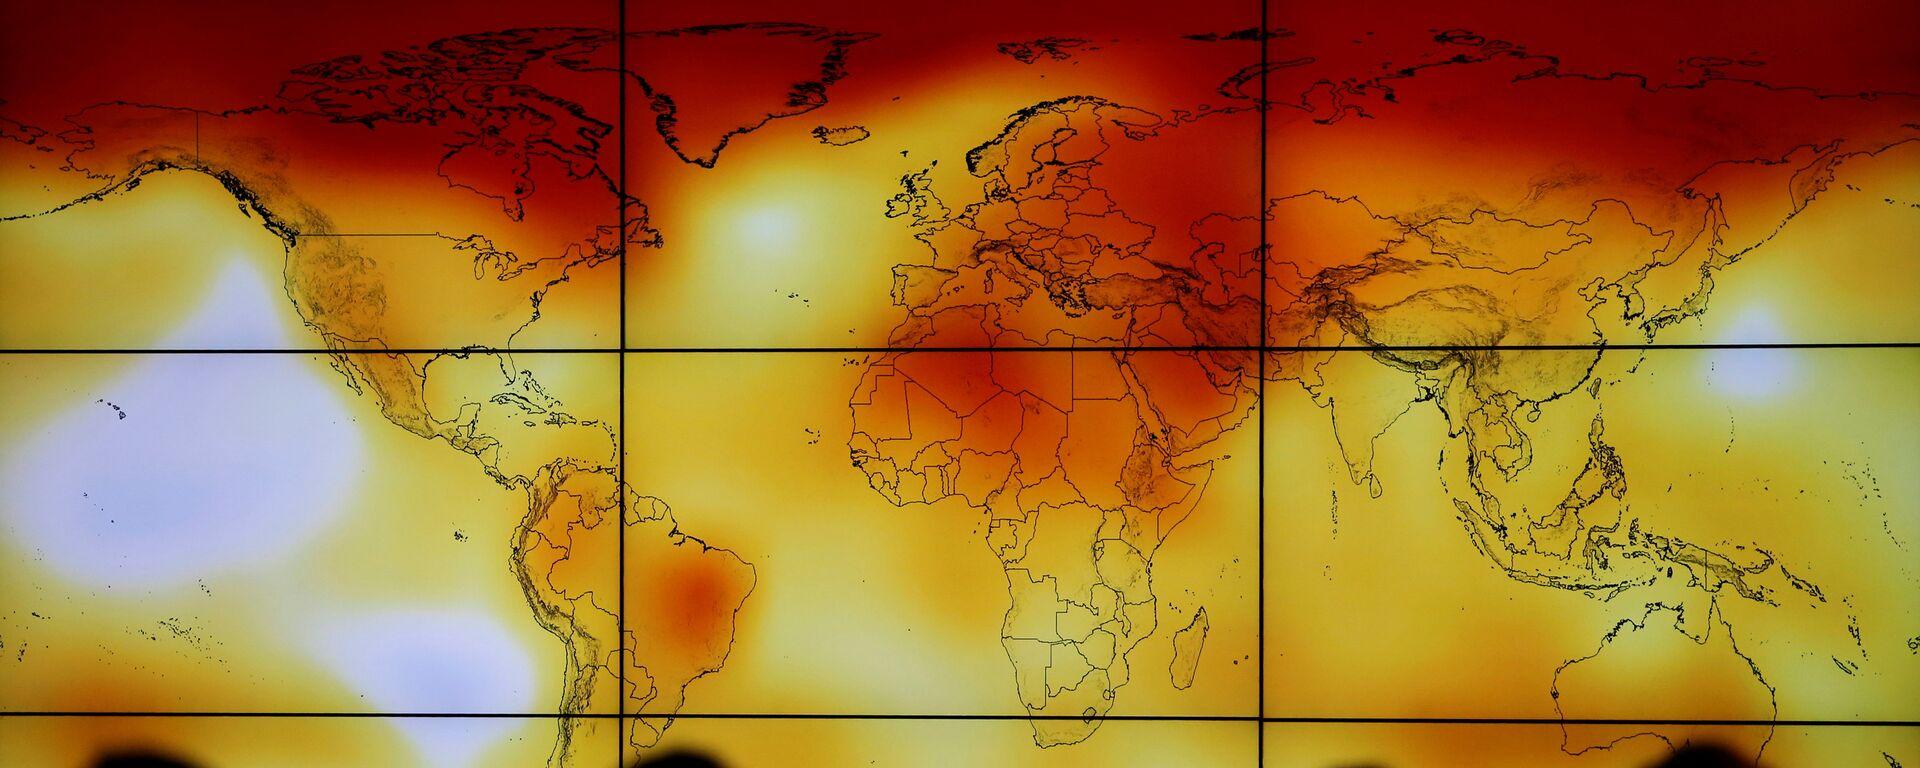 İklim değişikliği - Sputnik Türkiye, 1920, 20.05.2021